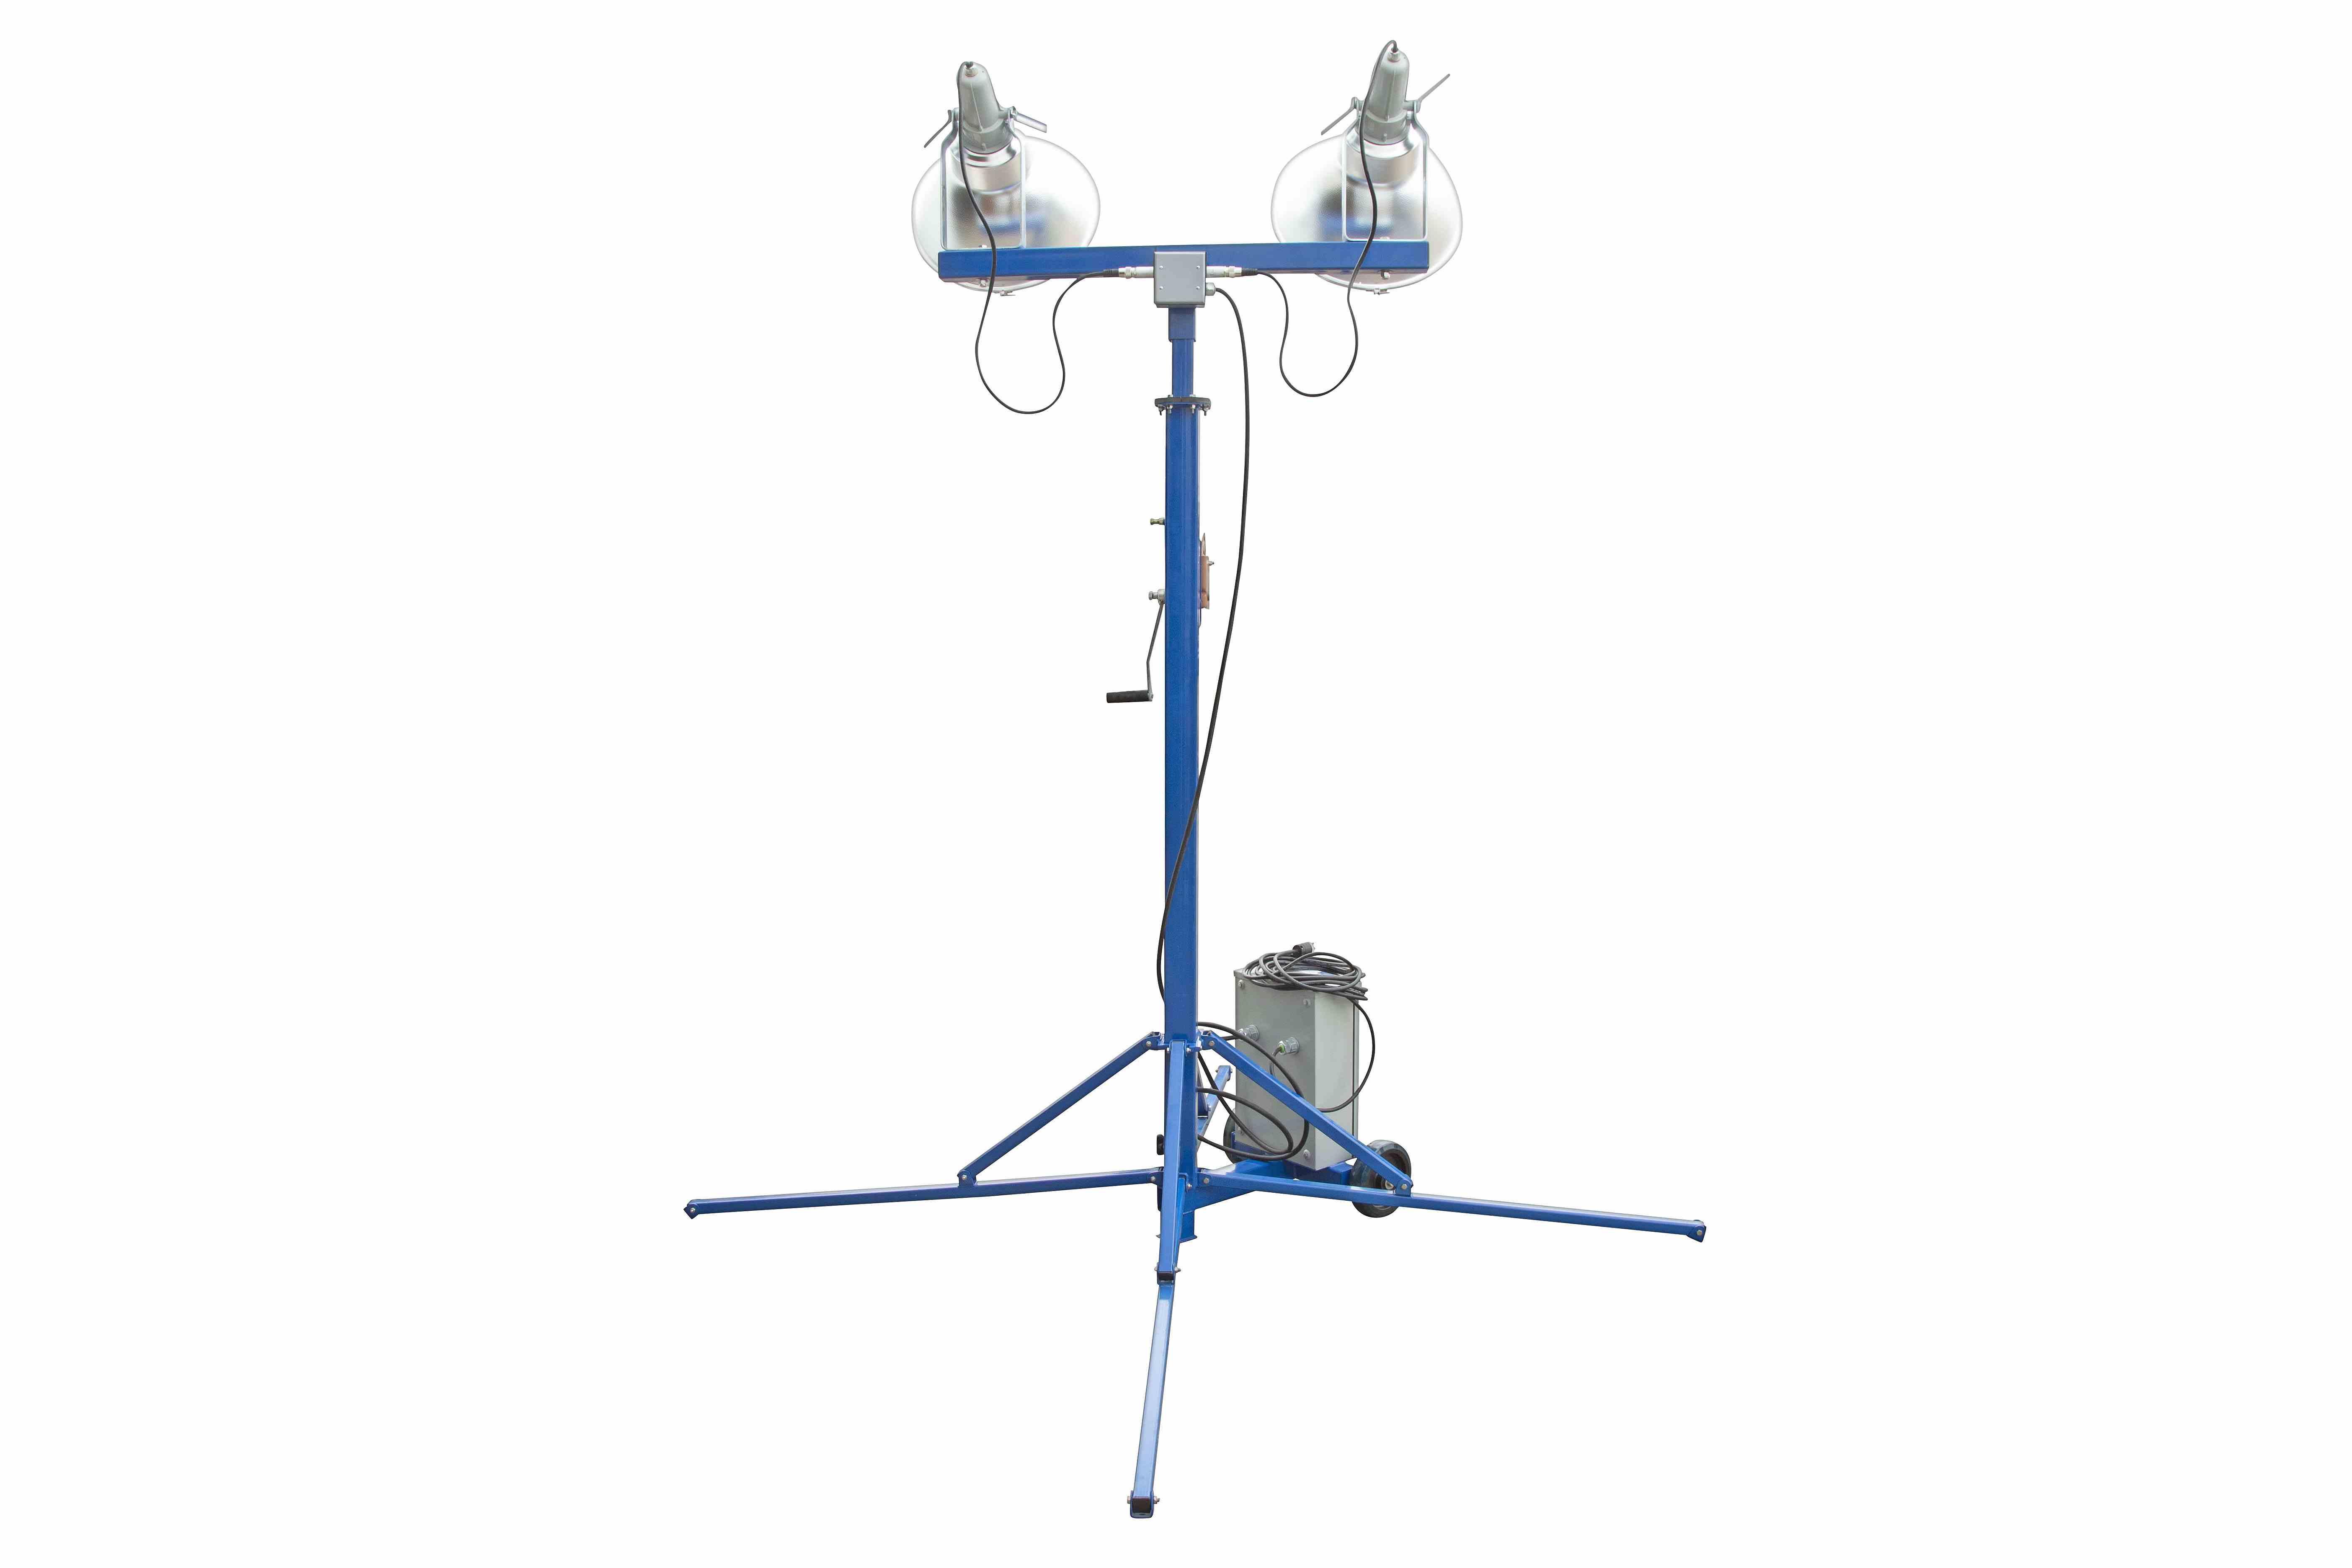 Wiring 240v Metal Halide